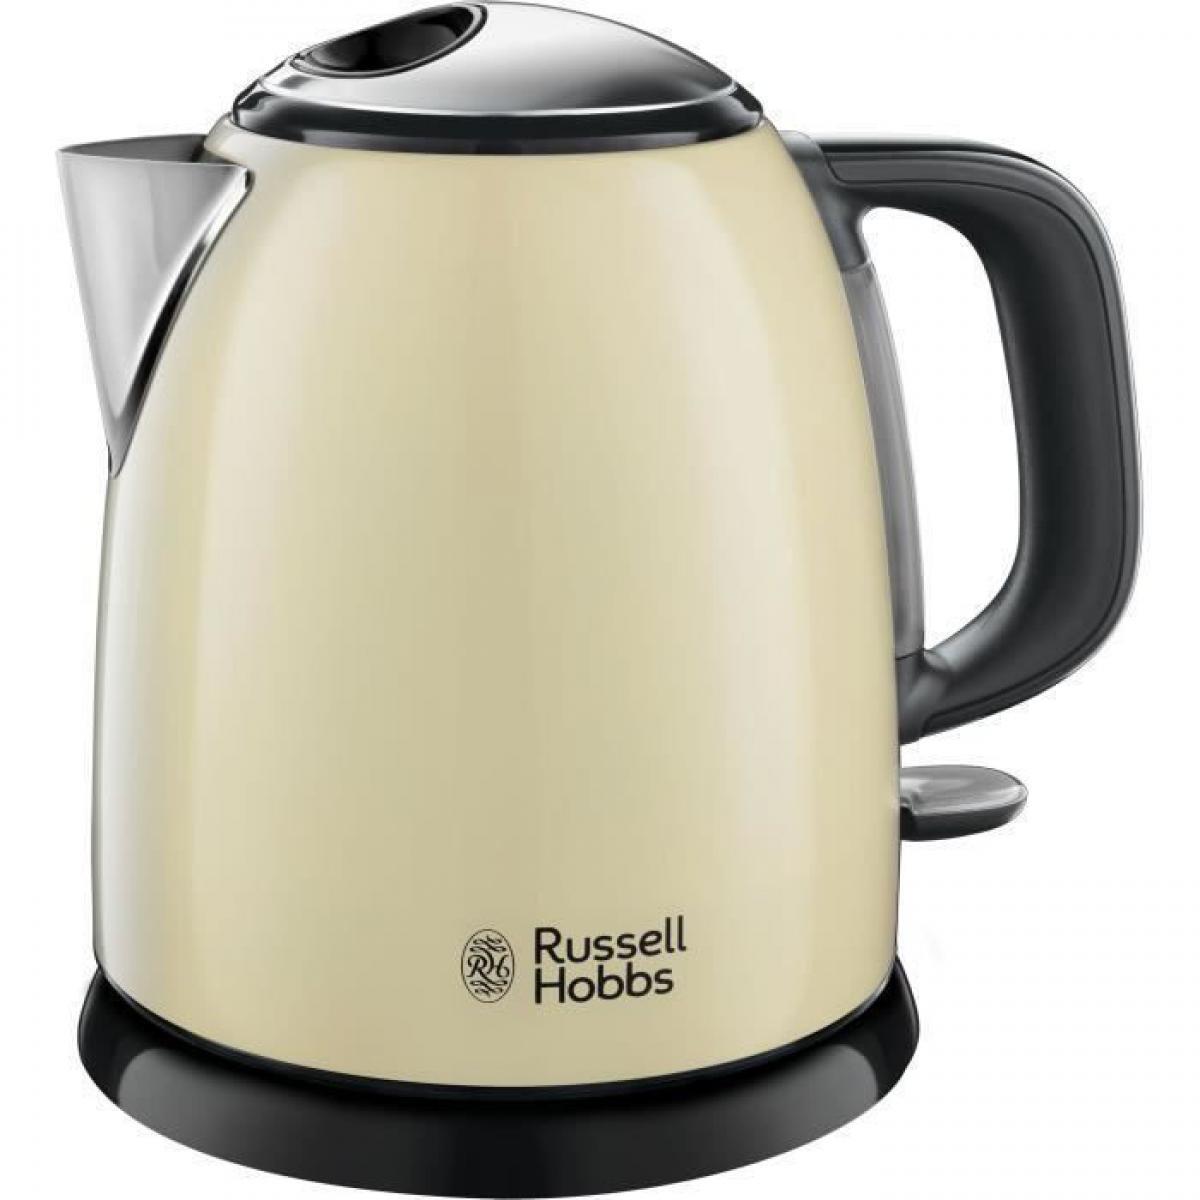 Russell Hobbs RUSSEL HOBBS 24994-70 Bouilloire Compacte Colours Plus Capacite 1 L Filtre Anti-Calcaire Amovible Lavable - Creme